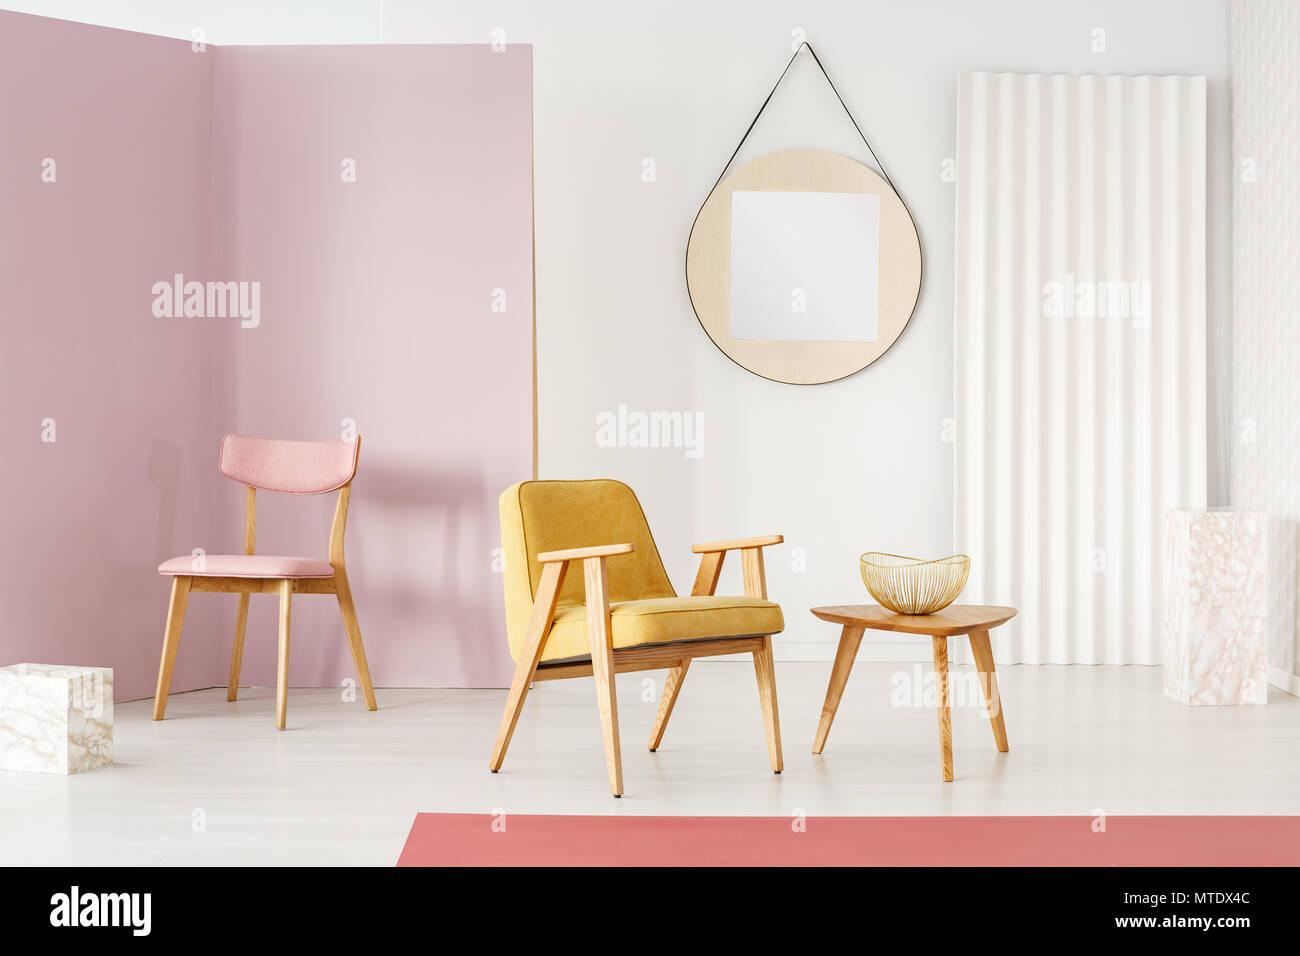 Rosa Stuhl In Der Ecke Und Gelben Sessel Durch Einen Holztisch Mit